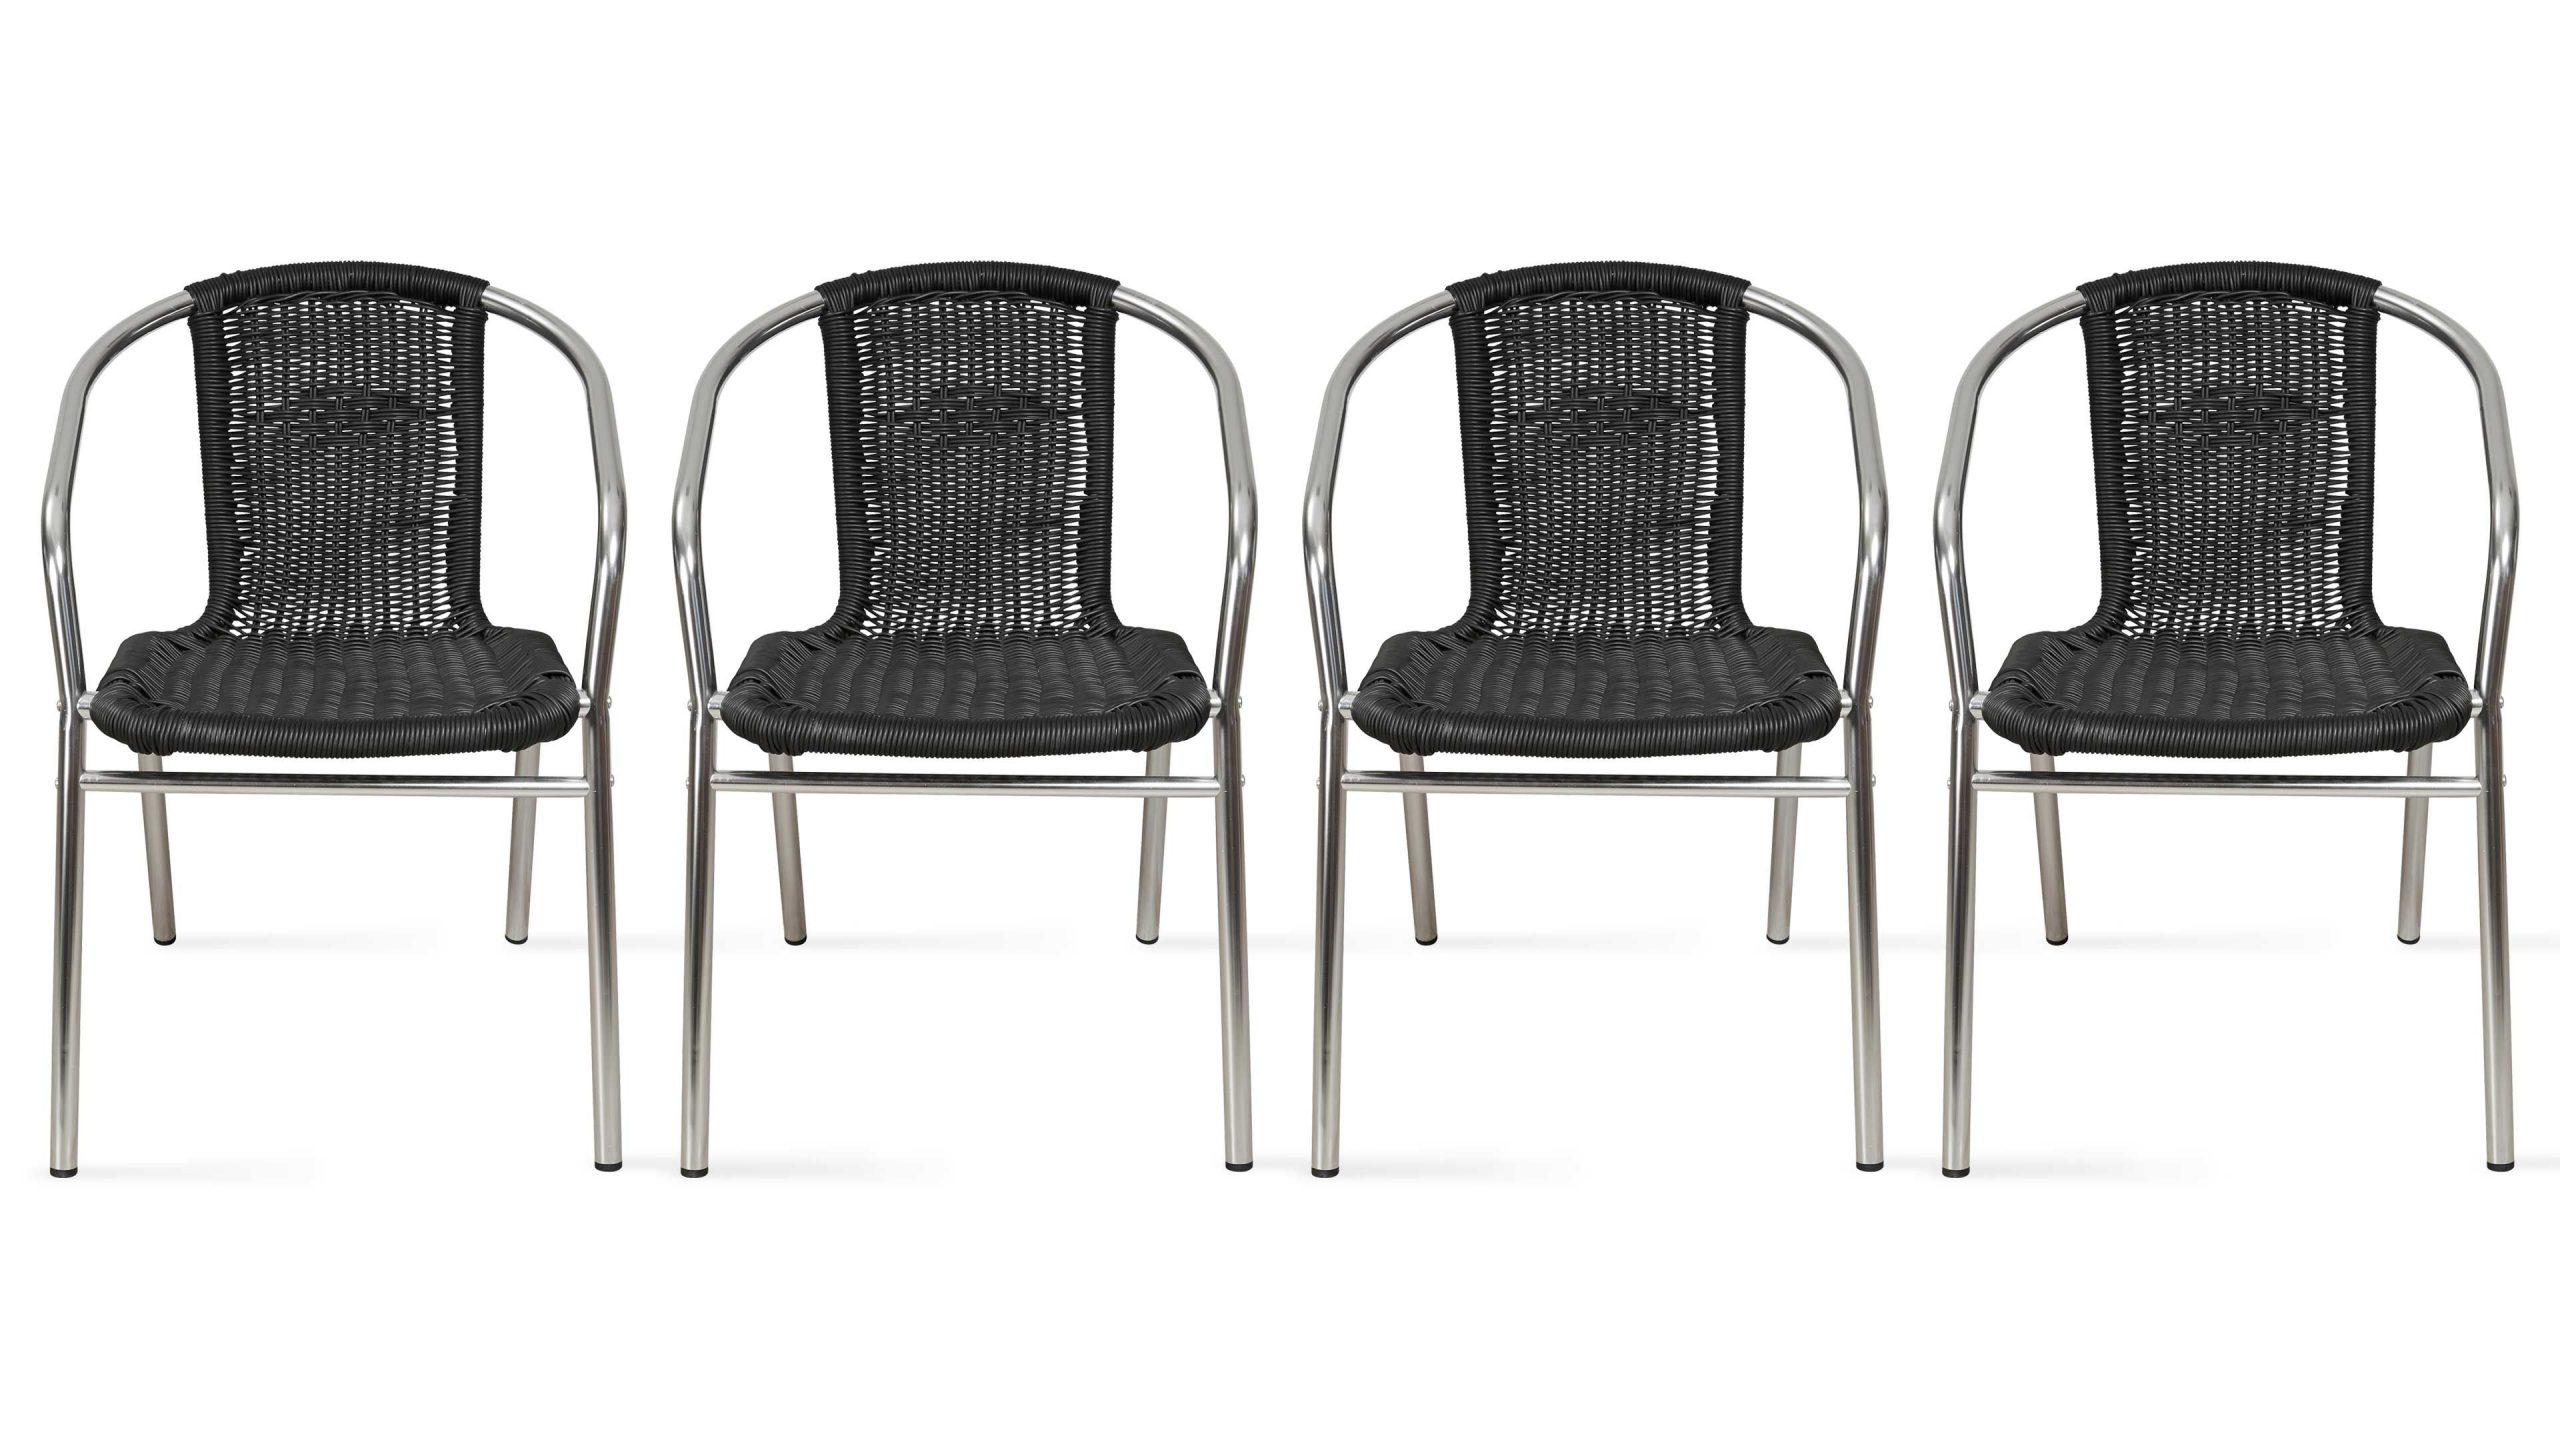 Chaise De Jardin Aluminium Et Résine Empilable tout Chaise Bistrot Aluminium Jardin